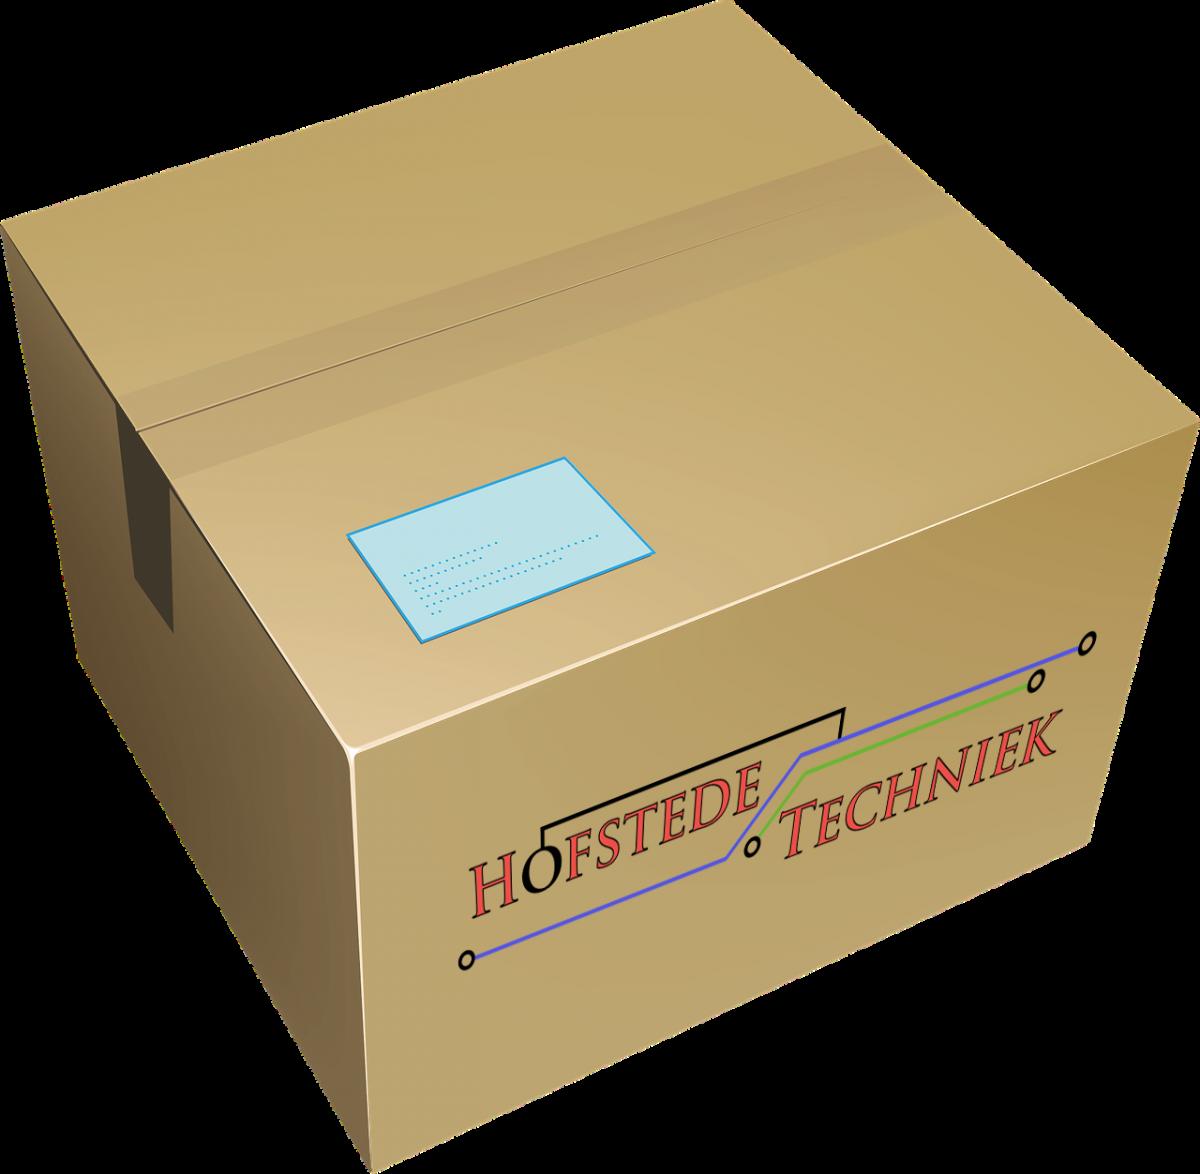 hofstede-techniek-bestelling